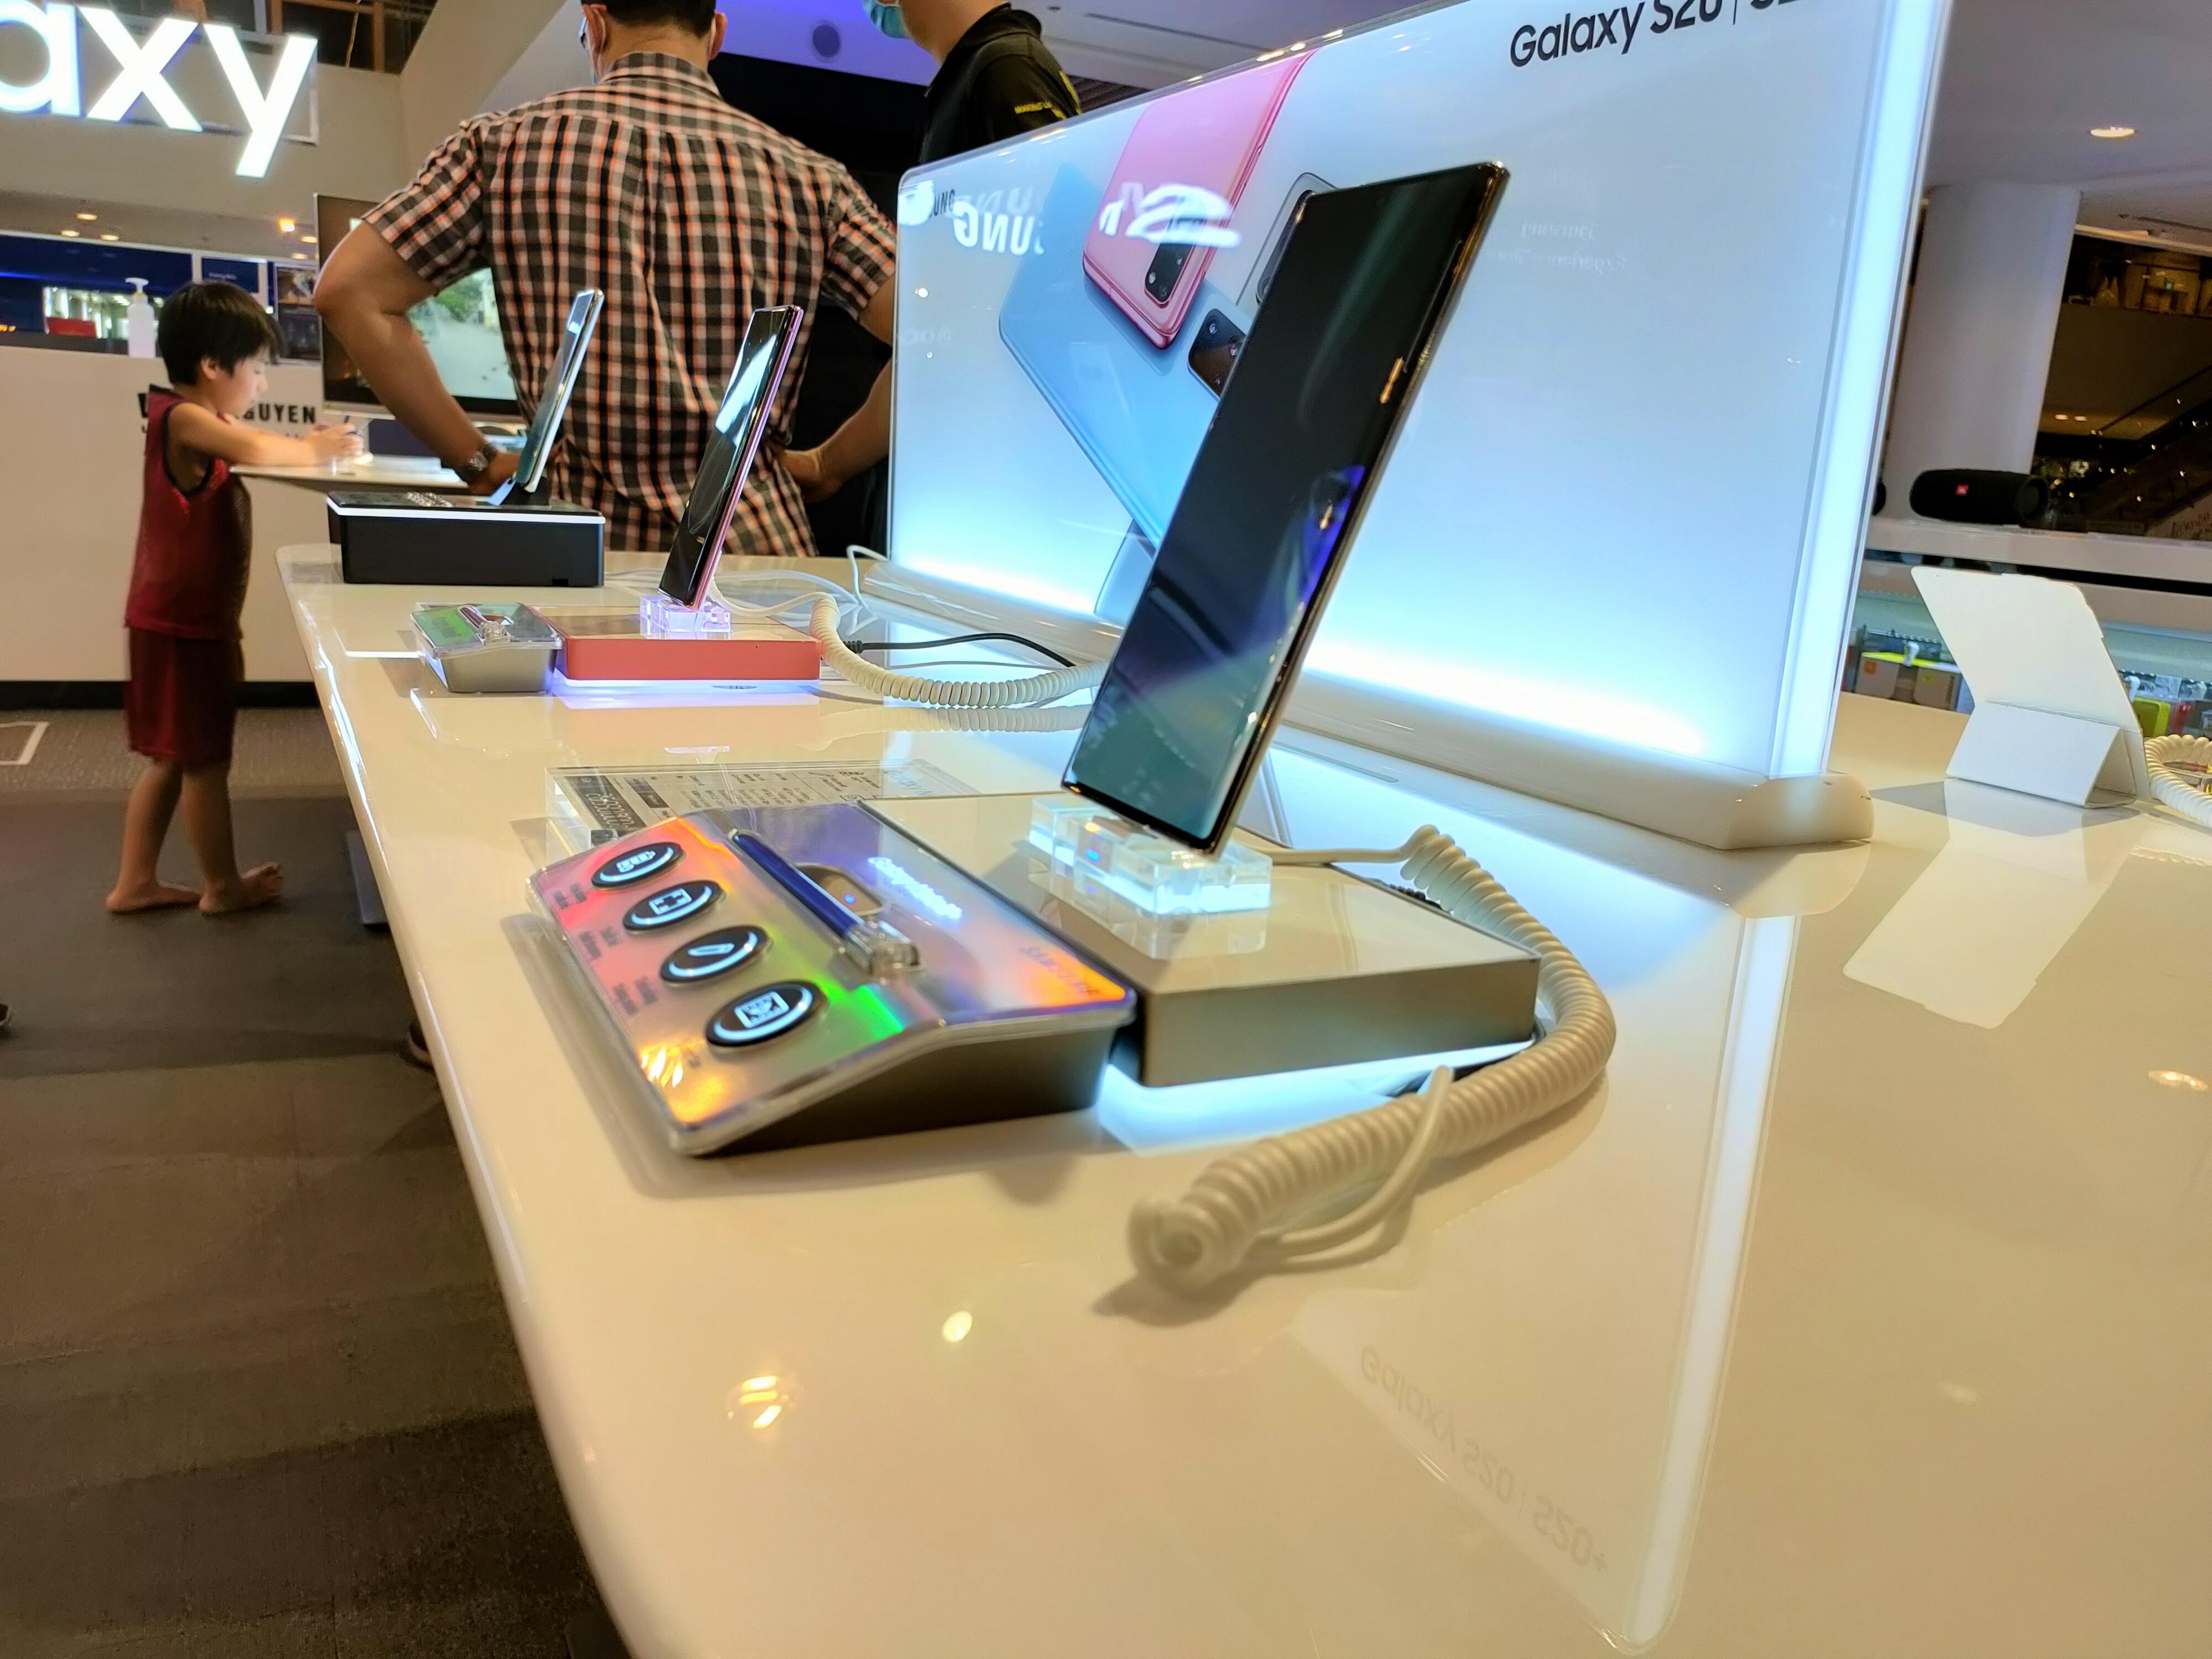 iPhone và Samsung tiếp tục nhận ưu đãi trong chương trình điện thoại giảm giá - Ảnh 1.